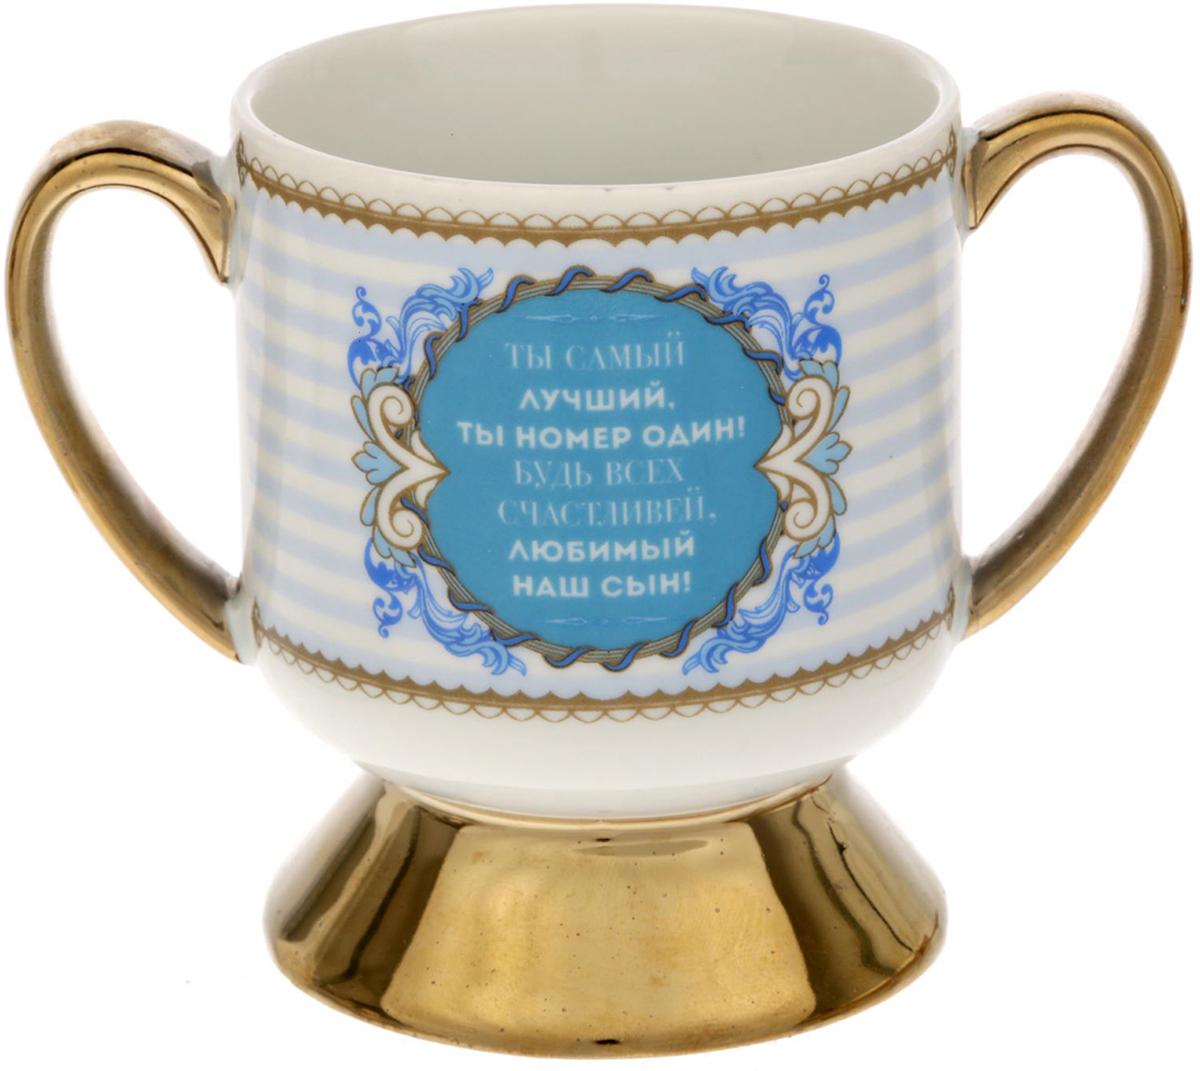 Кружка Sima-Land Кубок. Сын, 250 мл. 15521411552141Кружка-кубок - новый способ поделиться самыми нежными чувствами. Необычный предмет из керамики станет чудесным подарком близкому человеку. Поверхность украшена вензельным рисунком и надписью с теплыми словами. Такой кубок можно поставить на самое видное место в доме или пить из него чай или компот.Дарите от всей души!